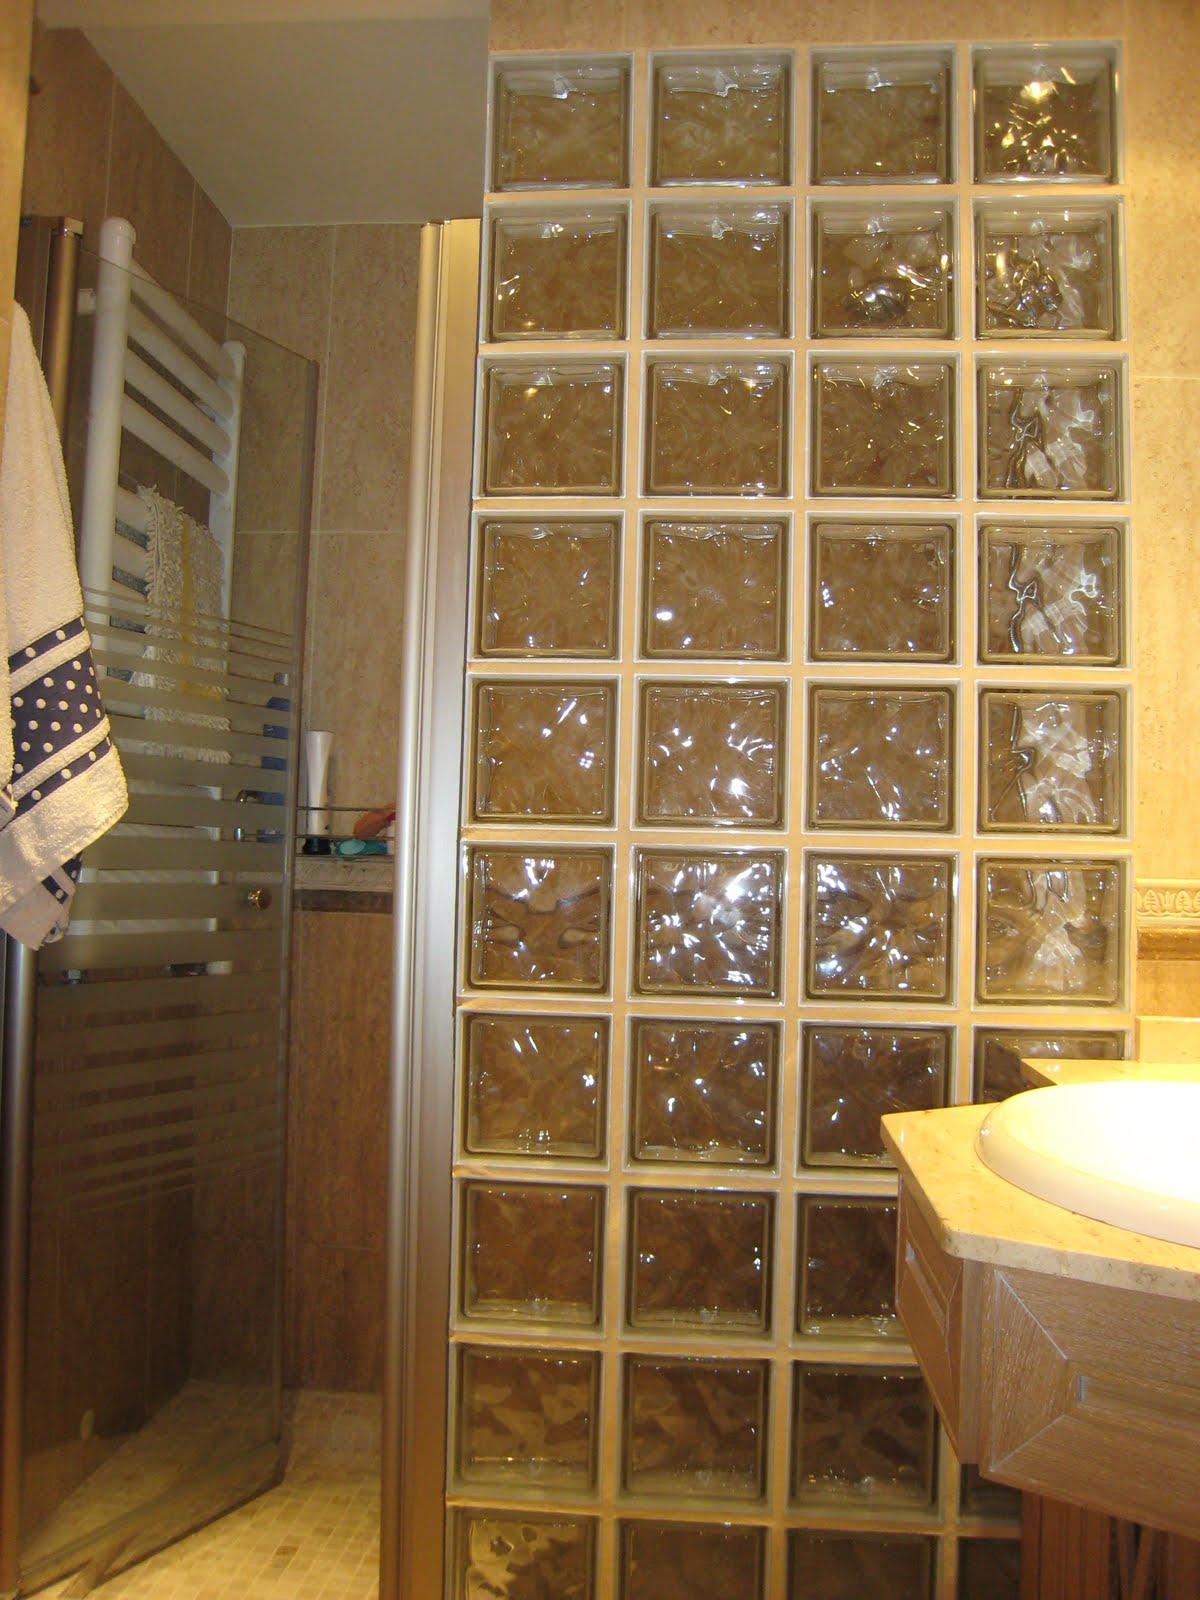 Platos de ducha y mamparas artesanas - Suelos de ducha antideslizantes ...